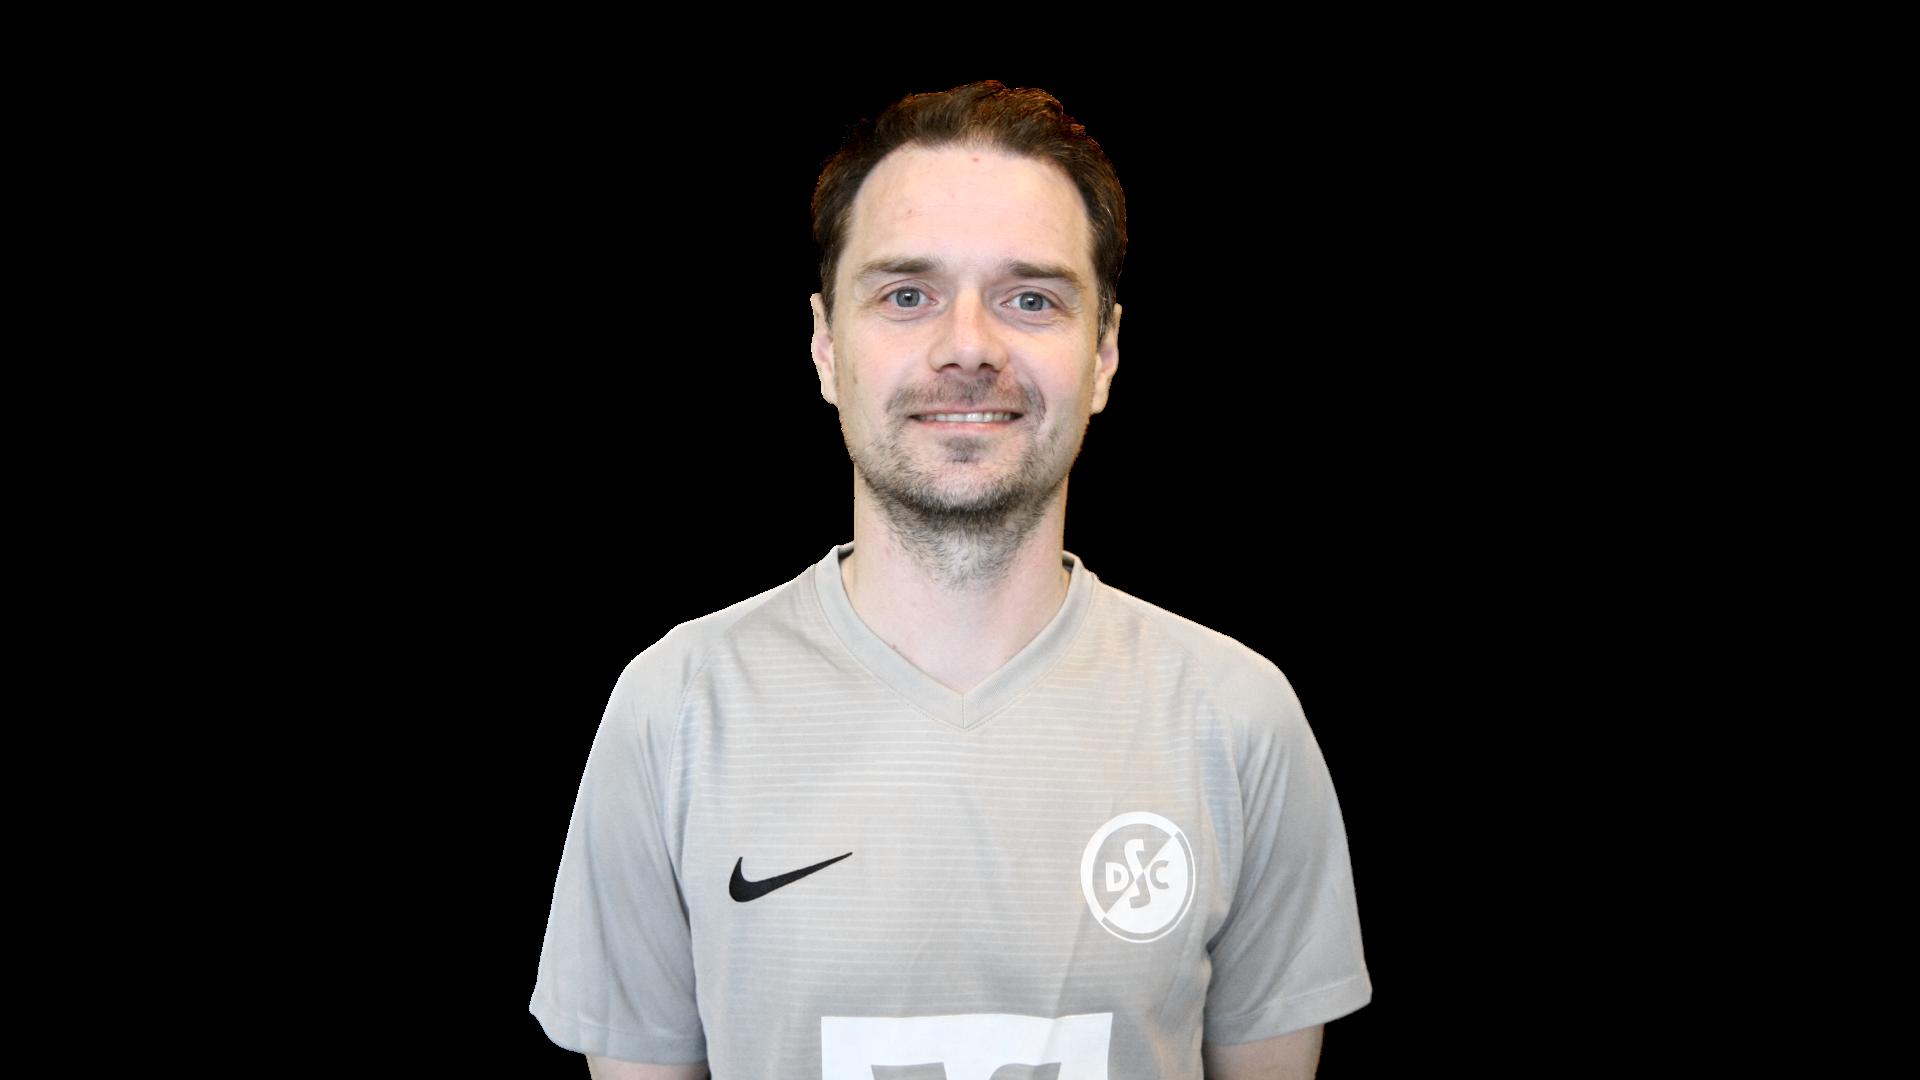 Jarmo Knüppe